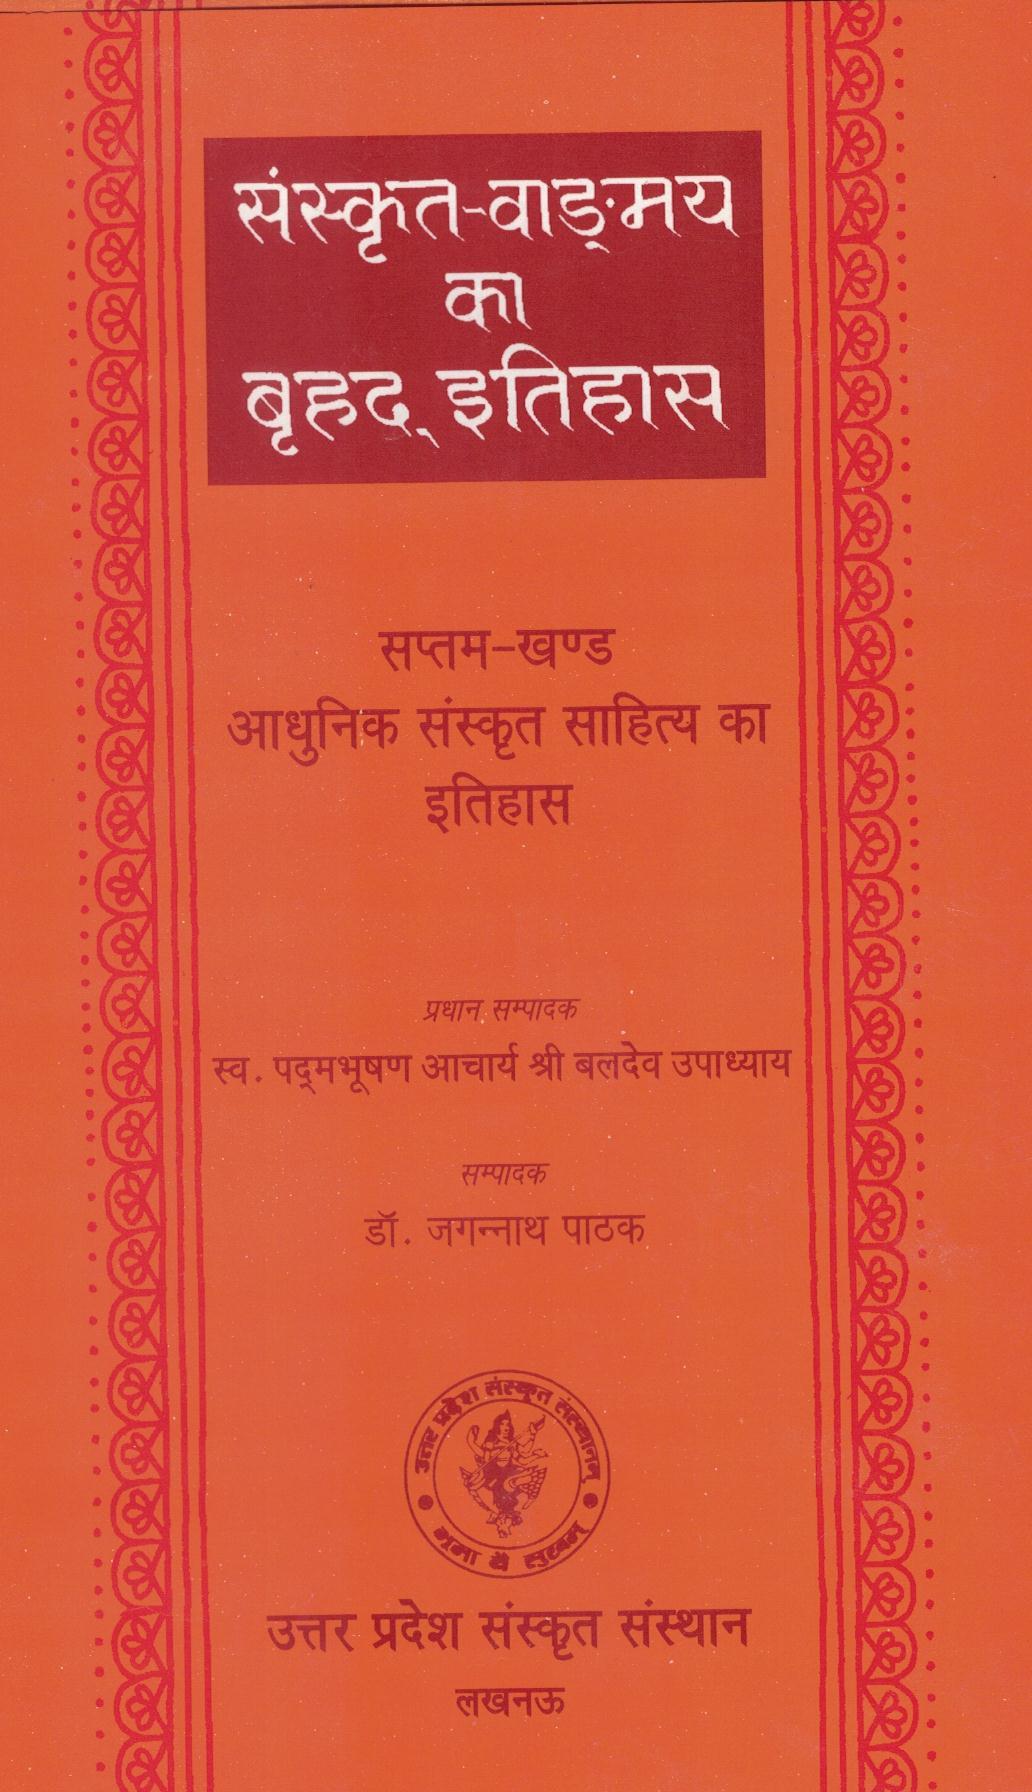 आधुनिक संस्कृत साहित्य का इतिहास (सप्तम्) (द्वितीय संस्करण)